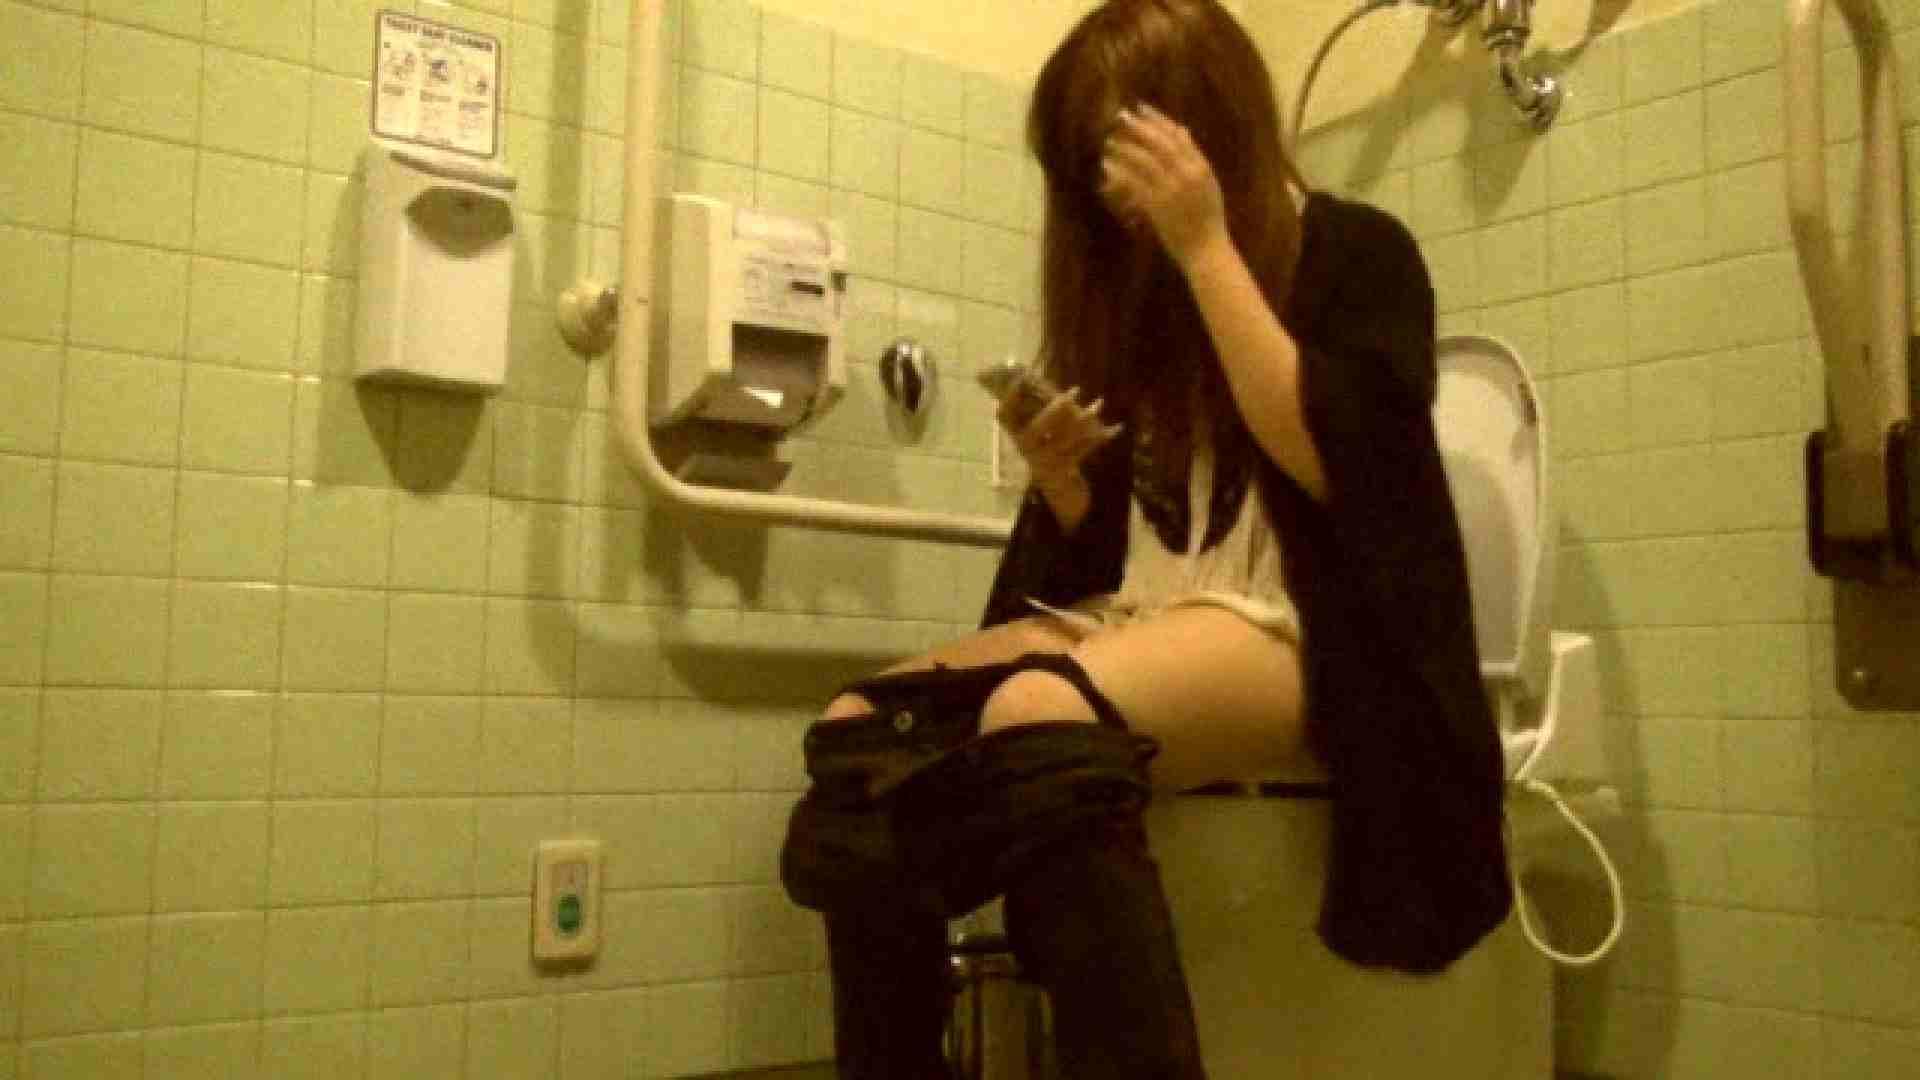 魔術師の お・も・て・な・し vol.26 19歳のバーの店員さんの洗面所をしばし… OLの実態   イタズラ  90pic 46